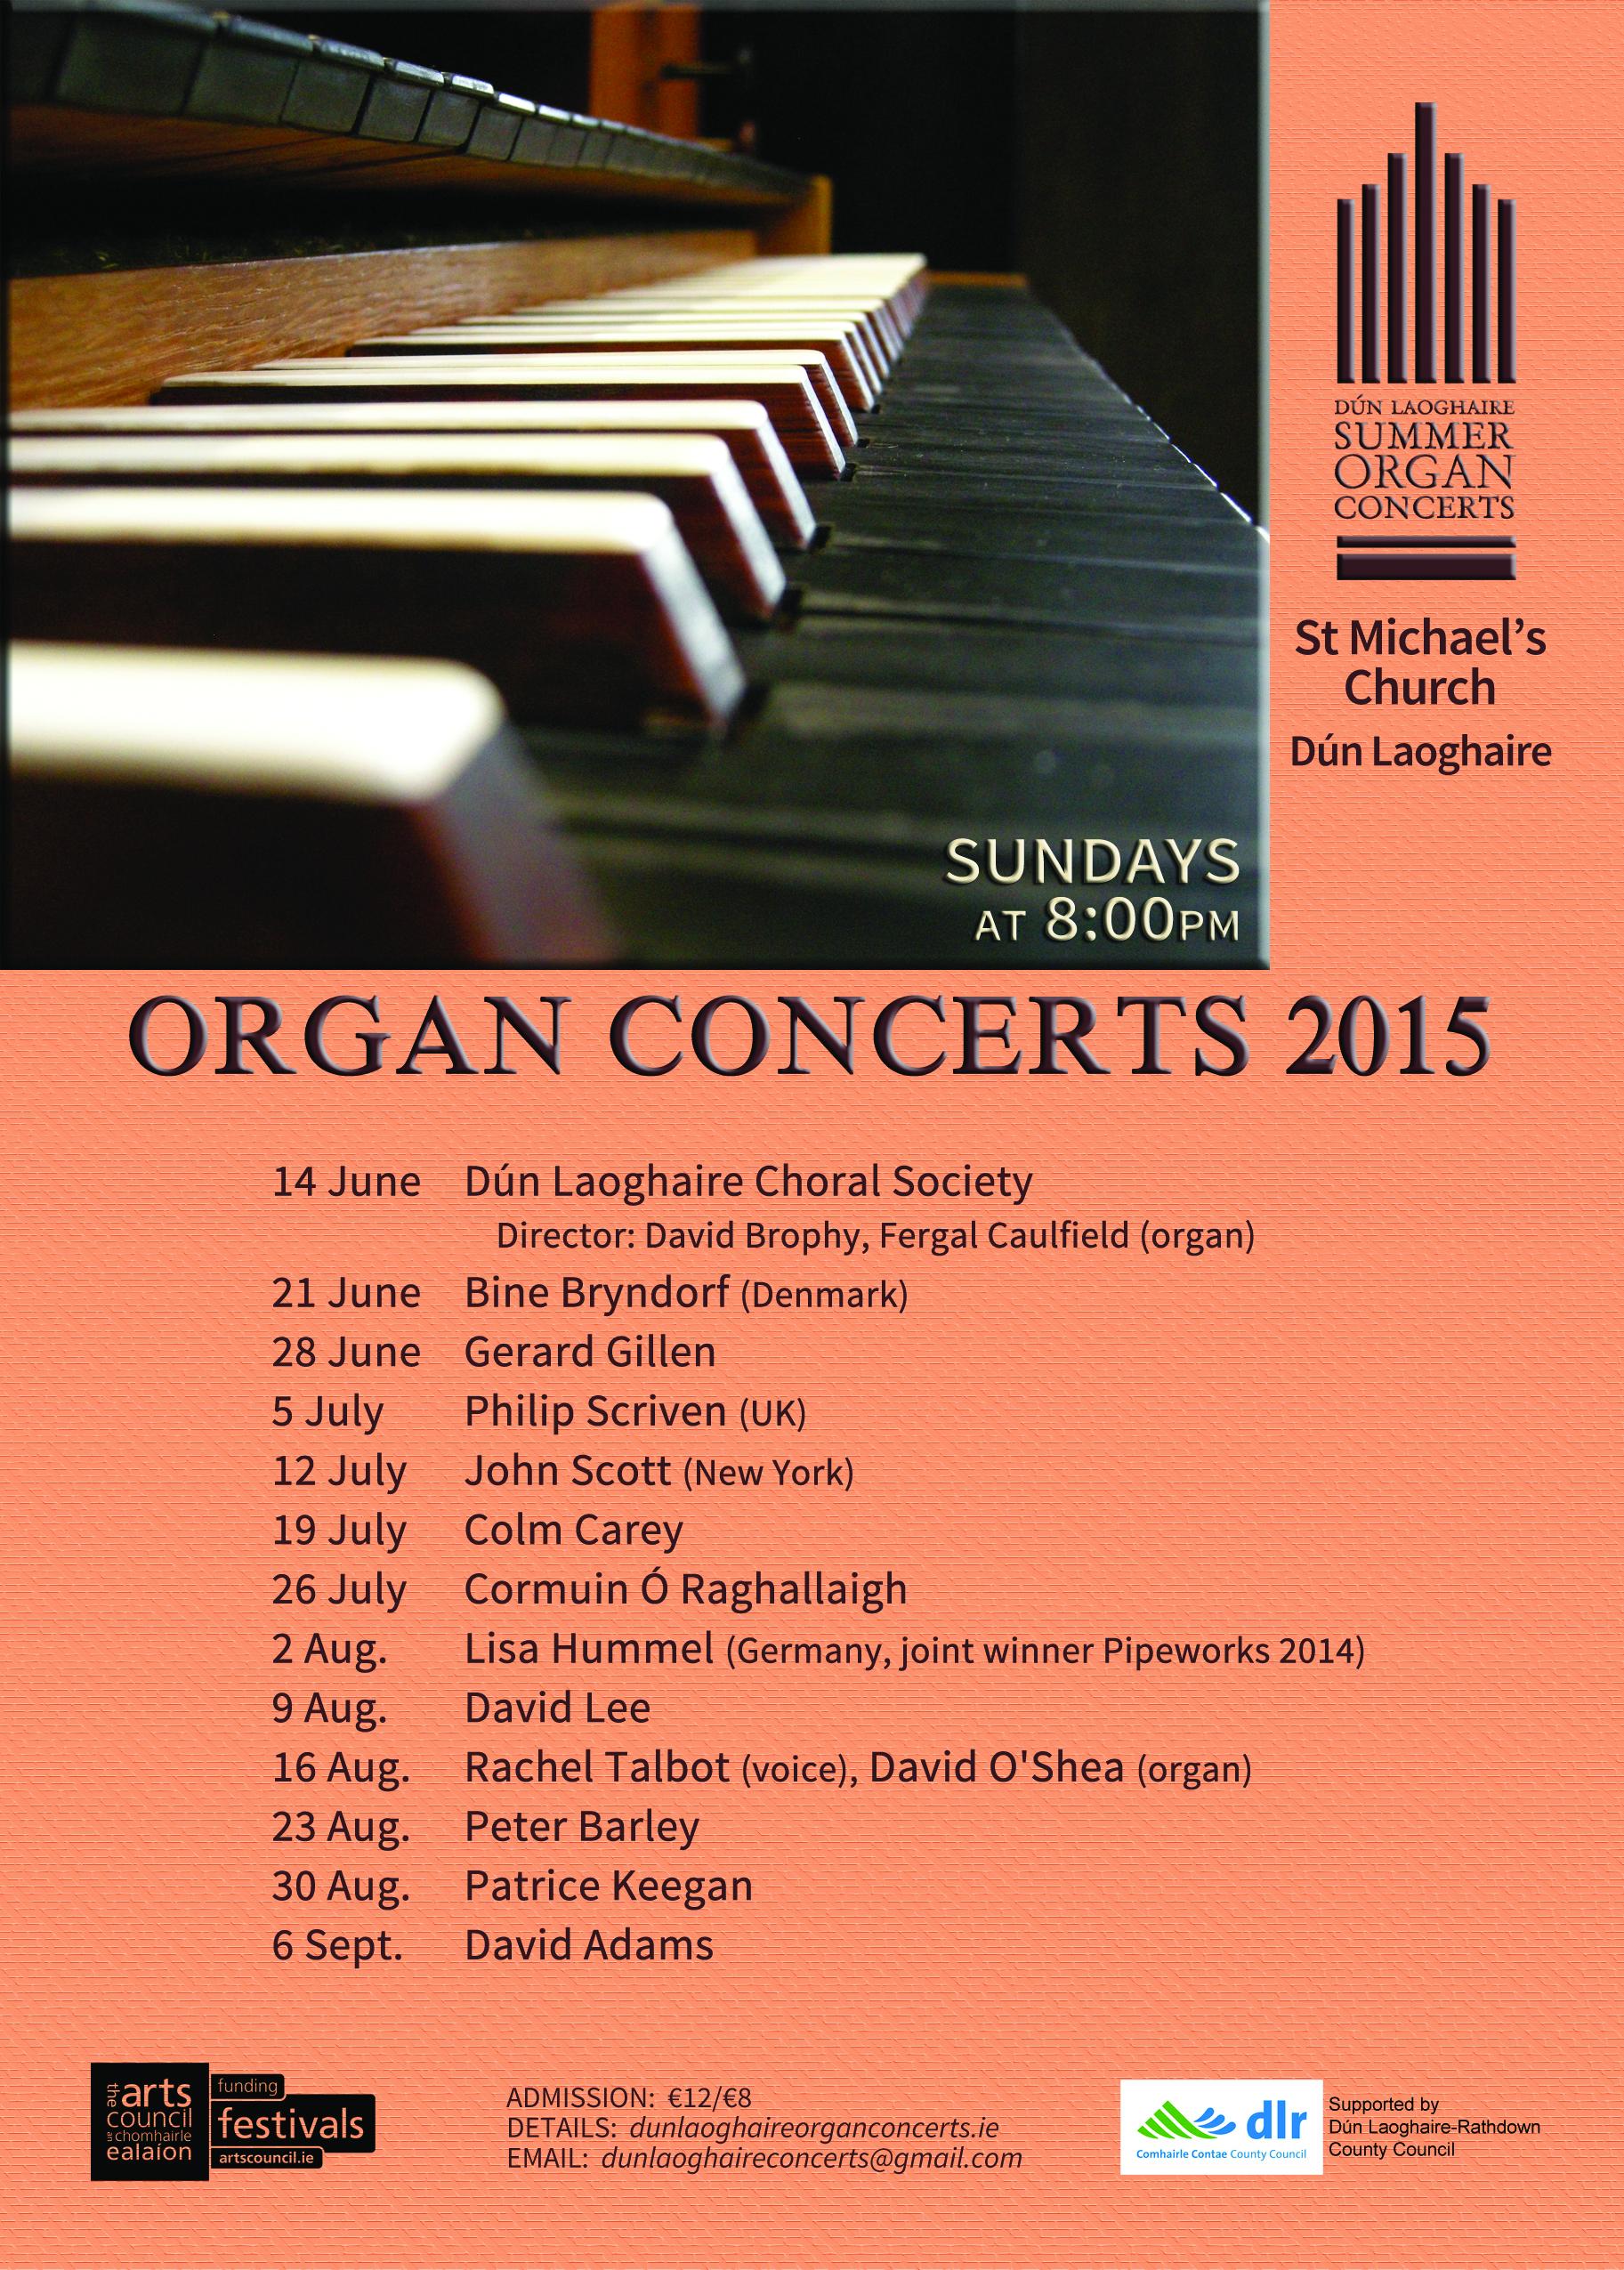 Dun Laoghaire Organ Concerts